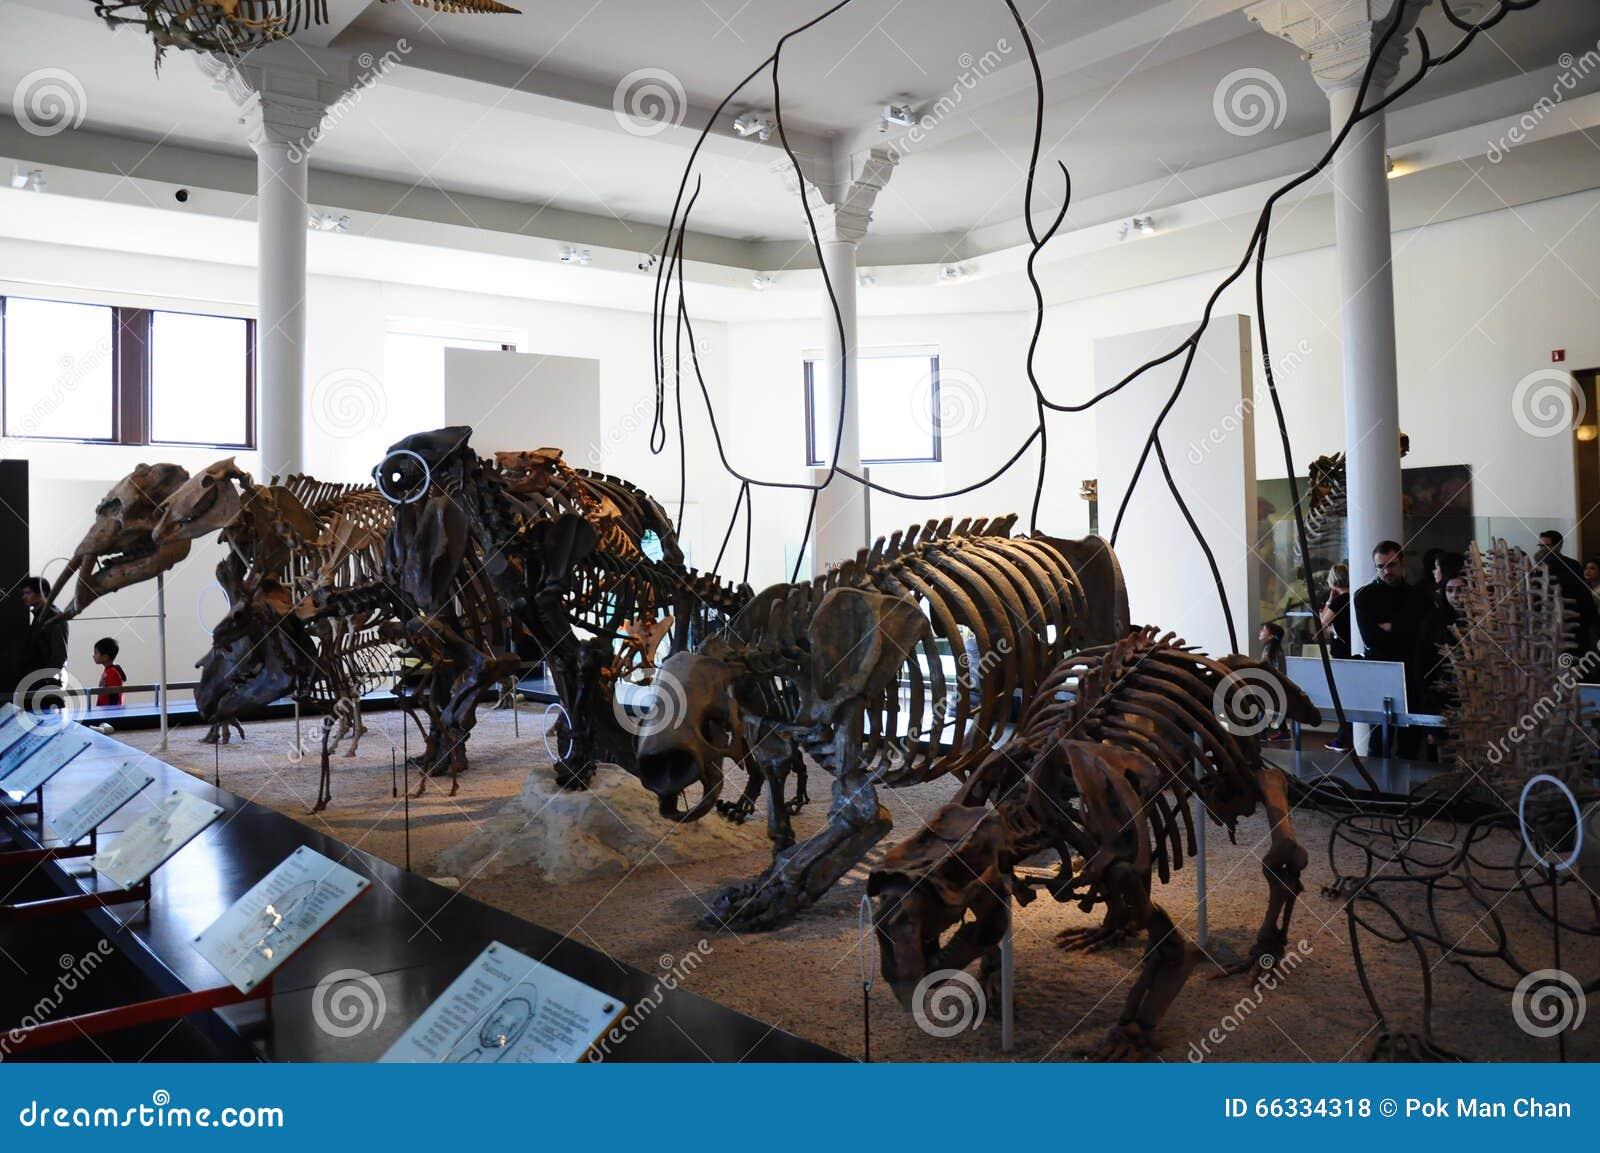 Museum Of Natural History Nyc Internship